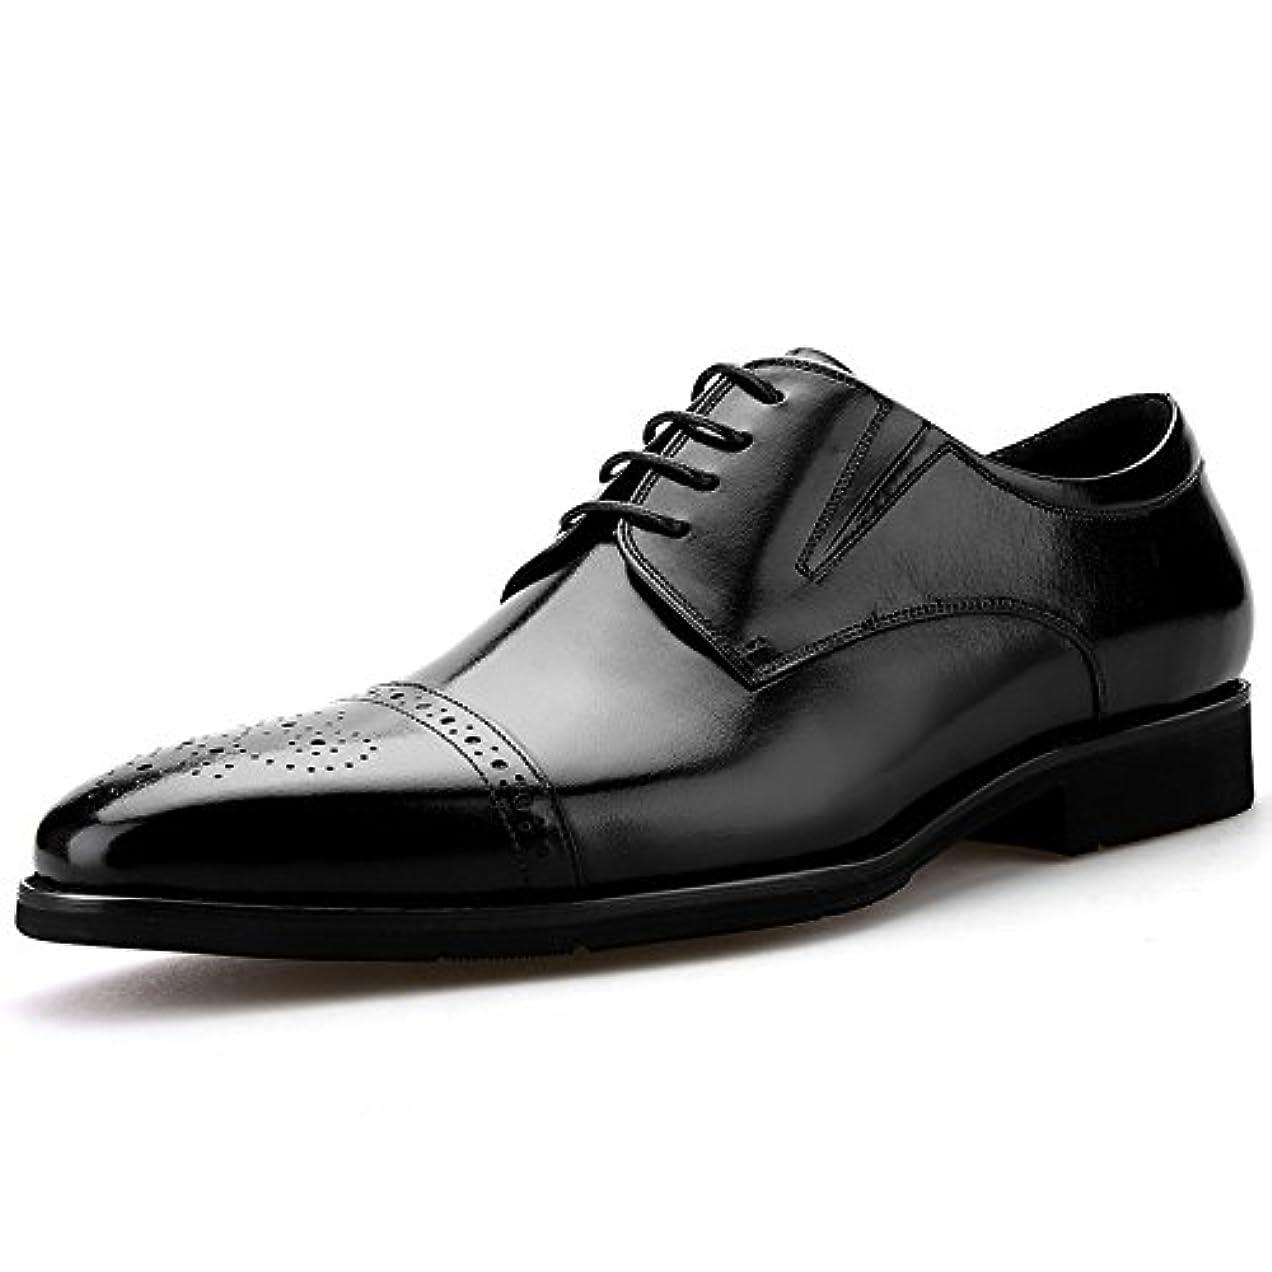 ランデブーお世話になった背景CHICONE(シックワン) メンズ ビジネスシューズ 革靴 レースアップ 外羽根 ウォーキング ブラック